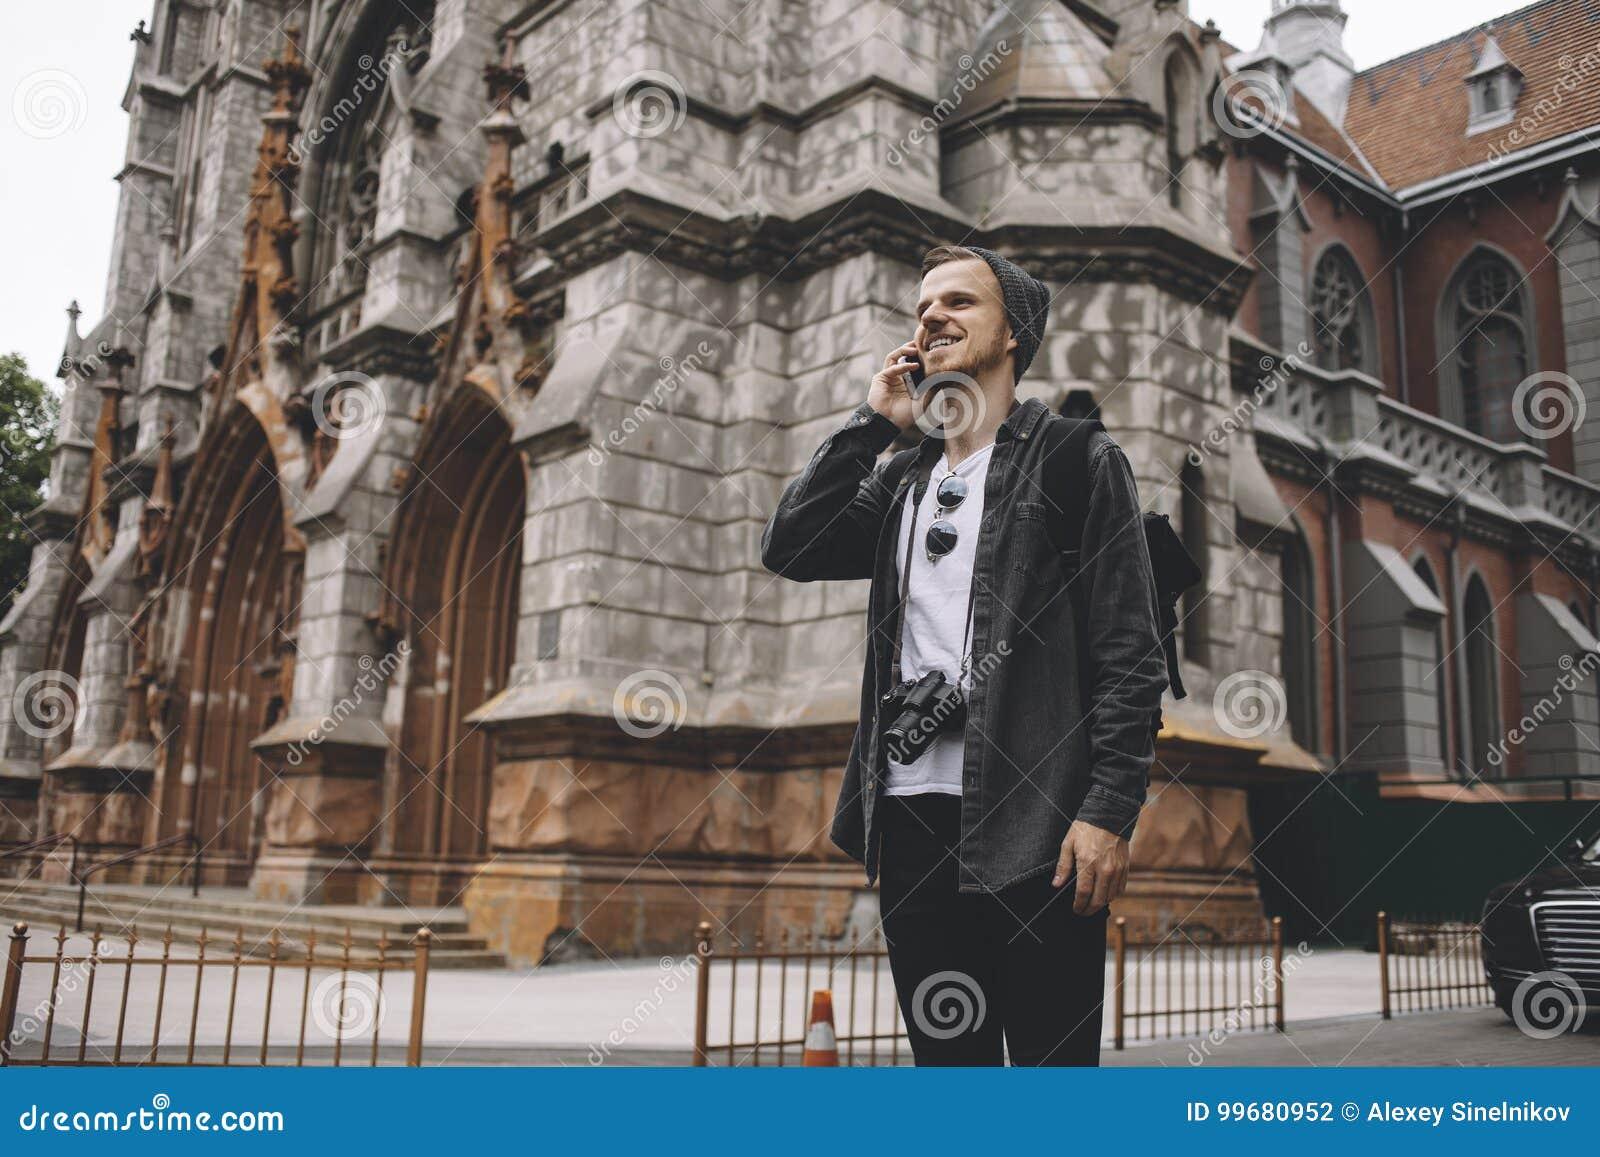 Этот турист стоит на дороге около старого коричневого здания Он говорит на телефоне и усмехается с жизнерадостным